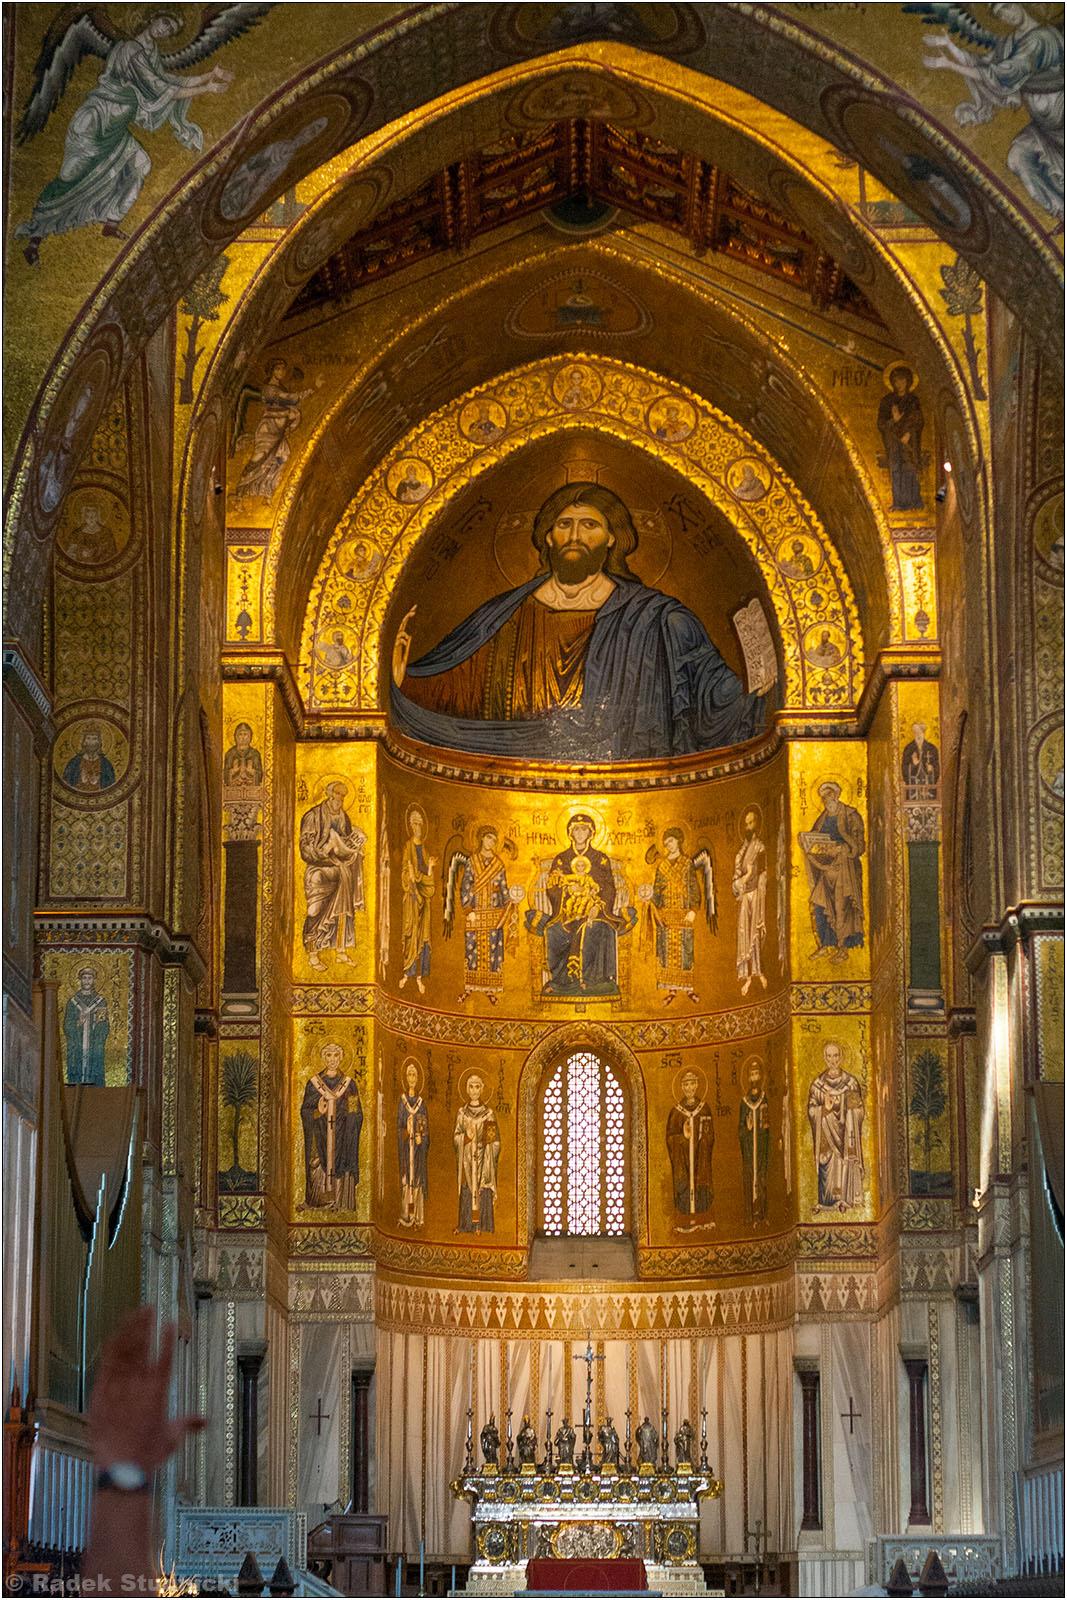 Wnętrze klasztoru Monreale